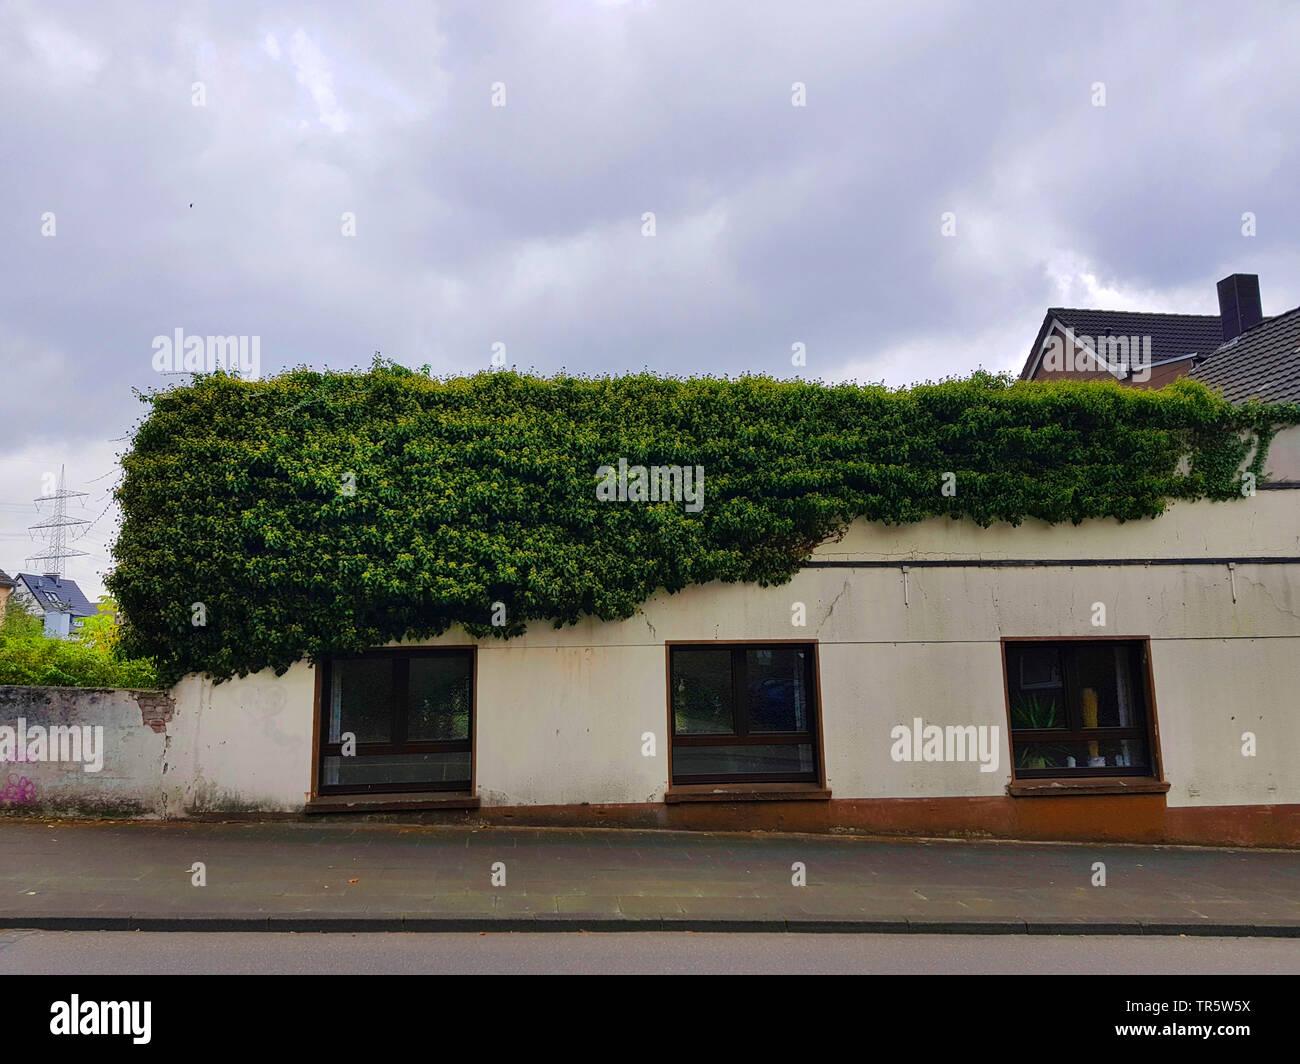 Gemeiner Efeu, Gewoehnlicher Efeu (Hedera helix), bluehender Efeu an einer Hauswand, Deutschland | English ivy, common ivy (Hedera helix), blooming iv - Stock Image